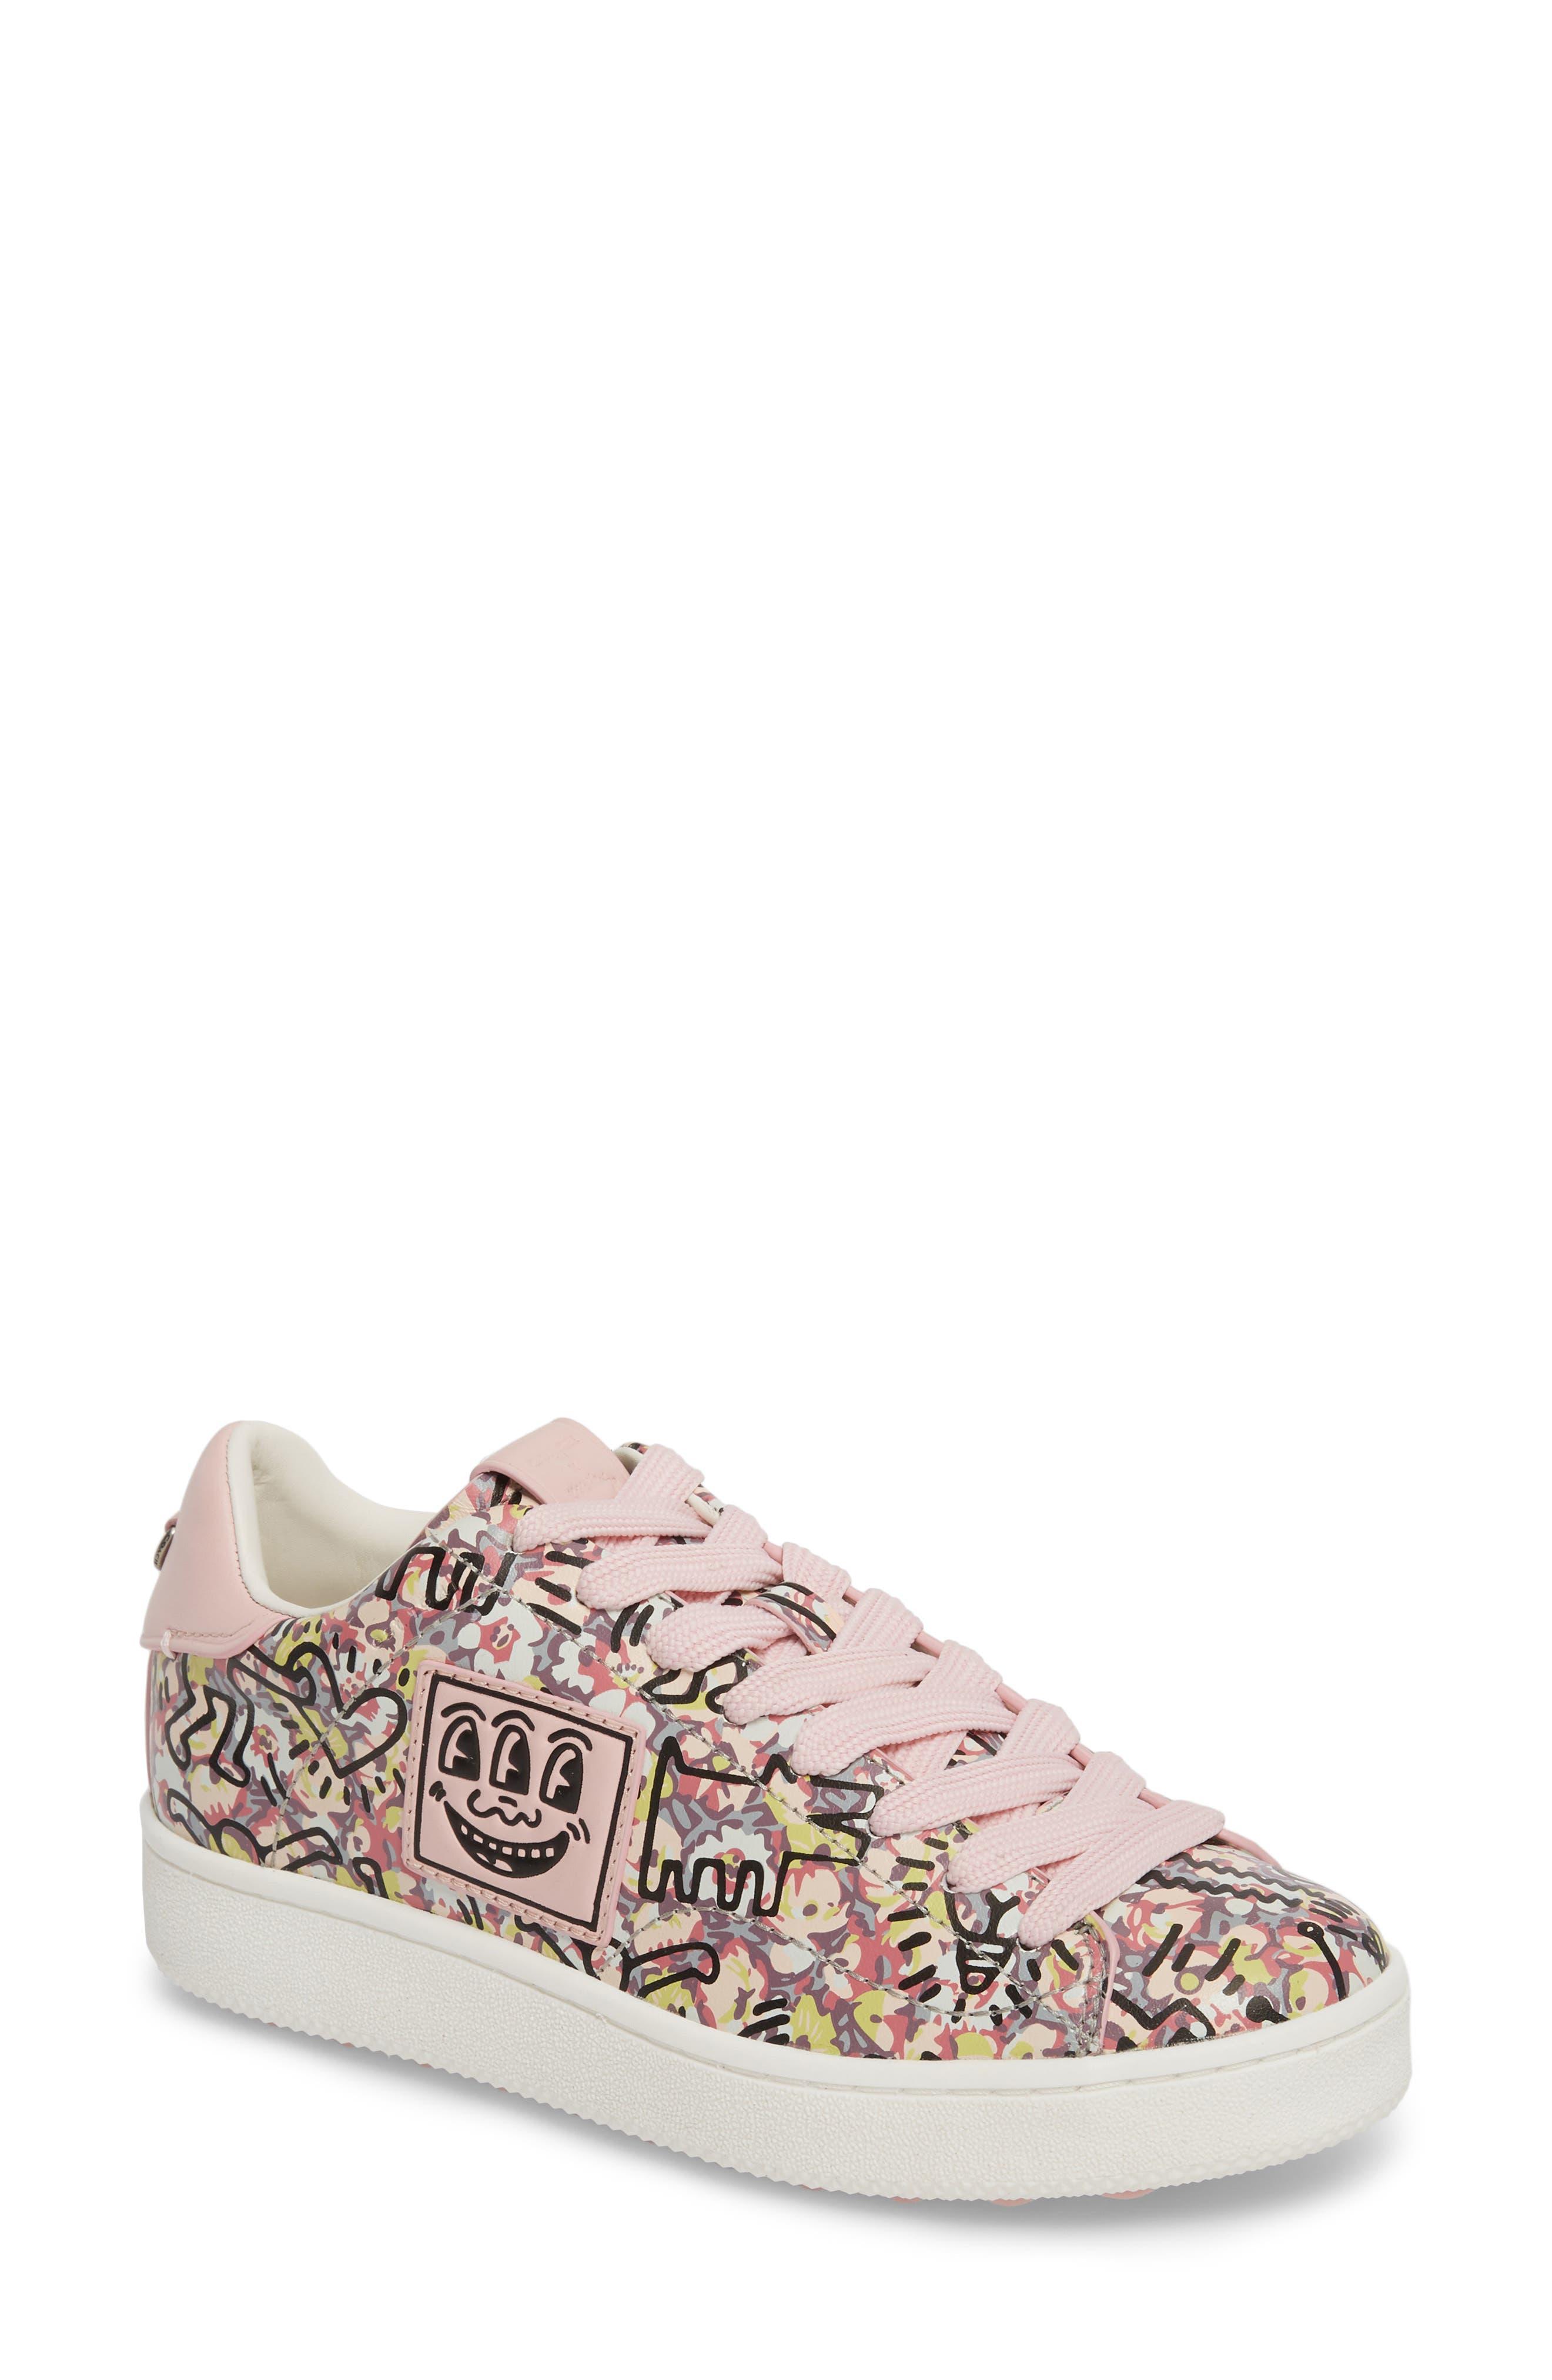 COACH x Keith Haring Low Top Sneaker (Women)